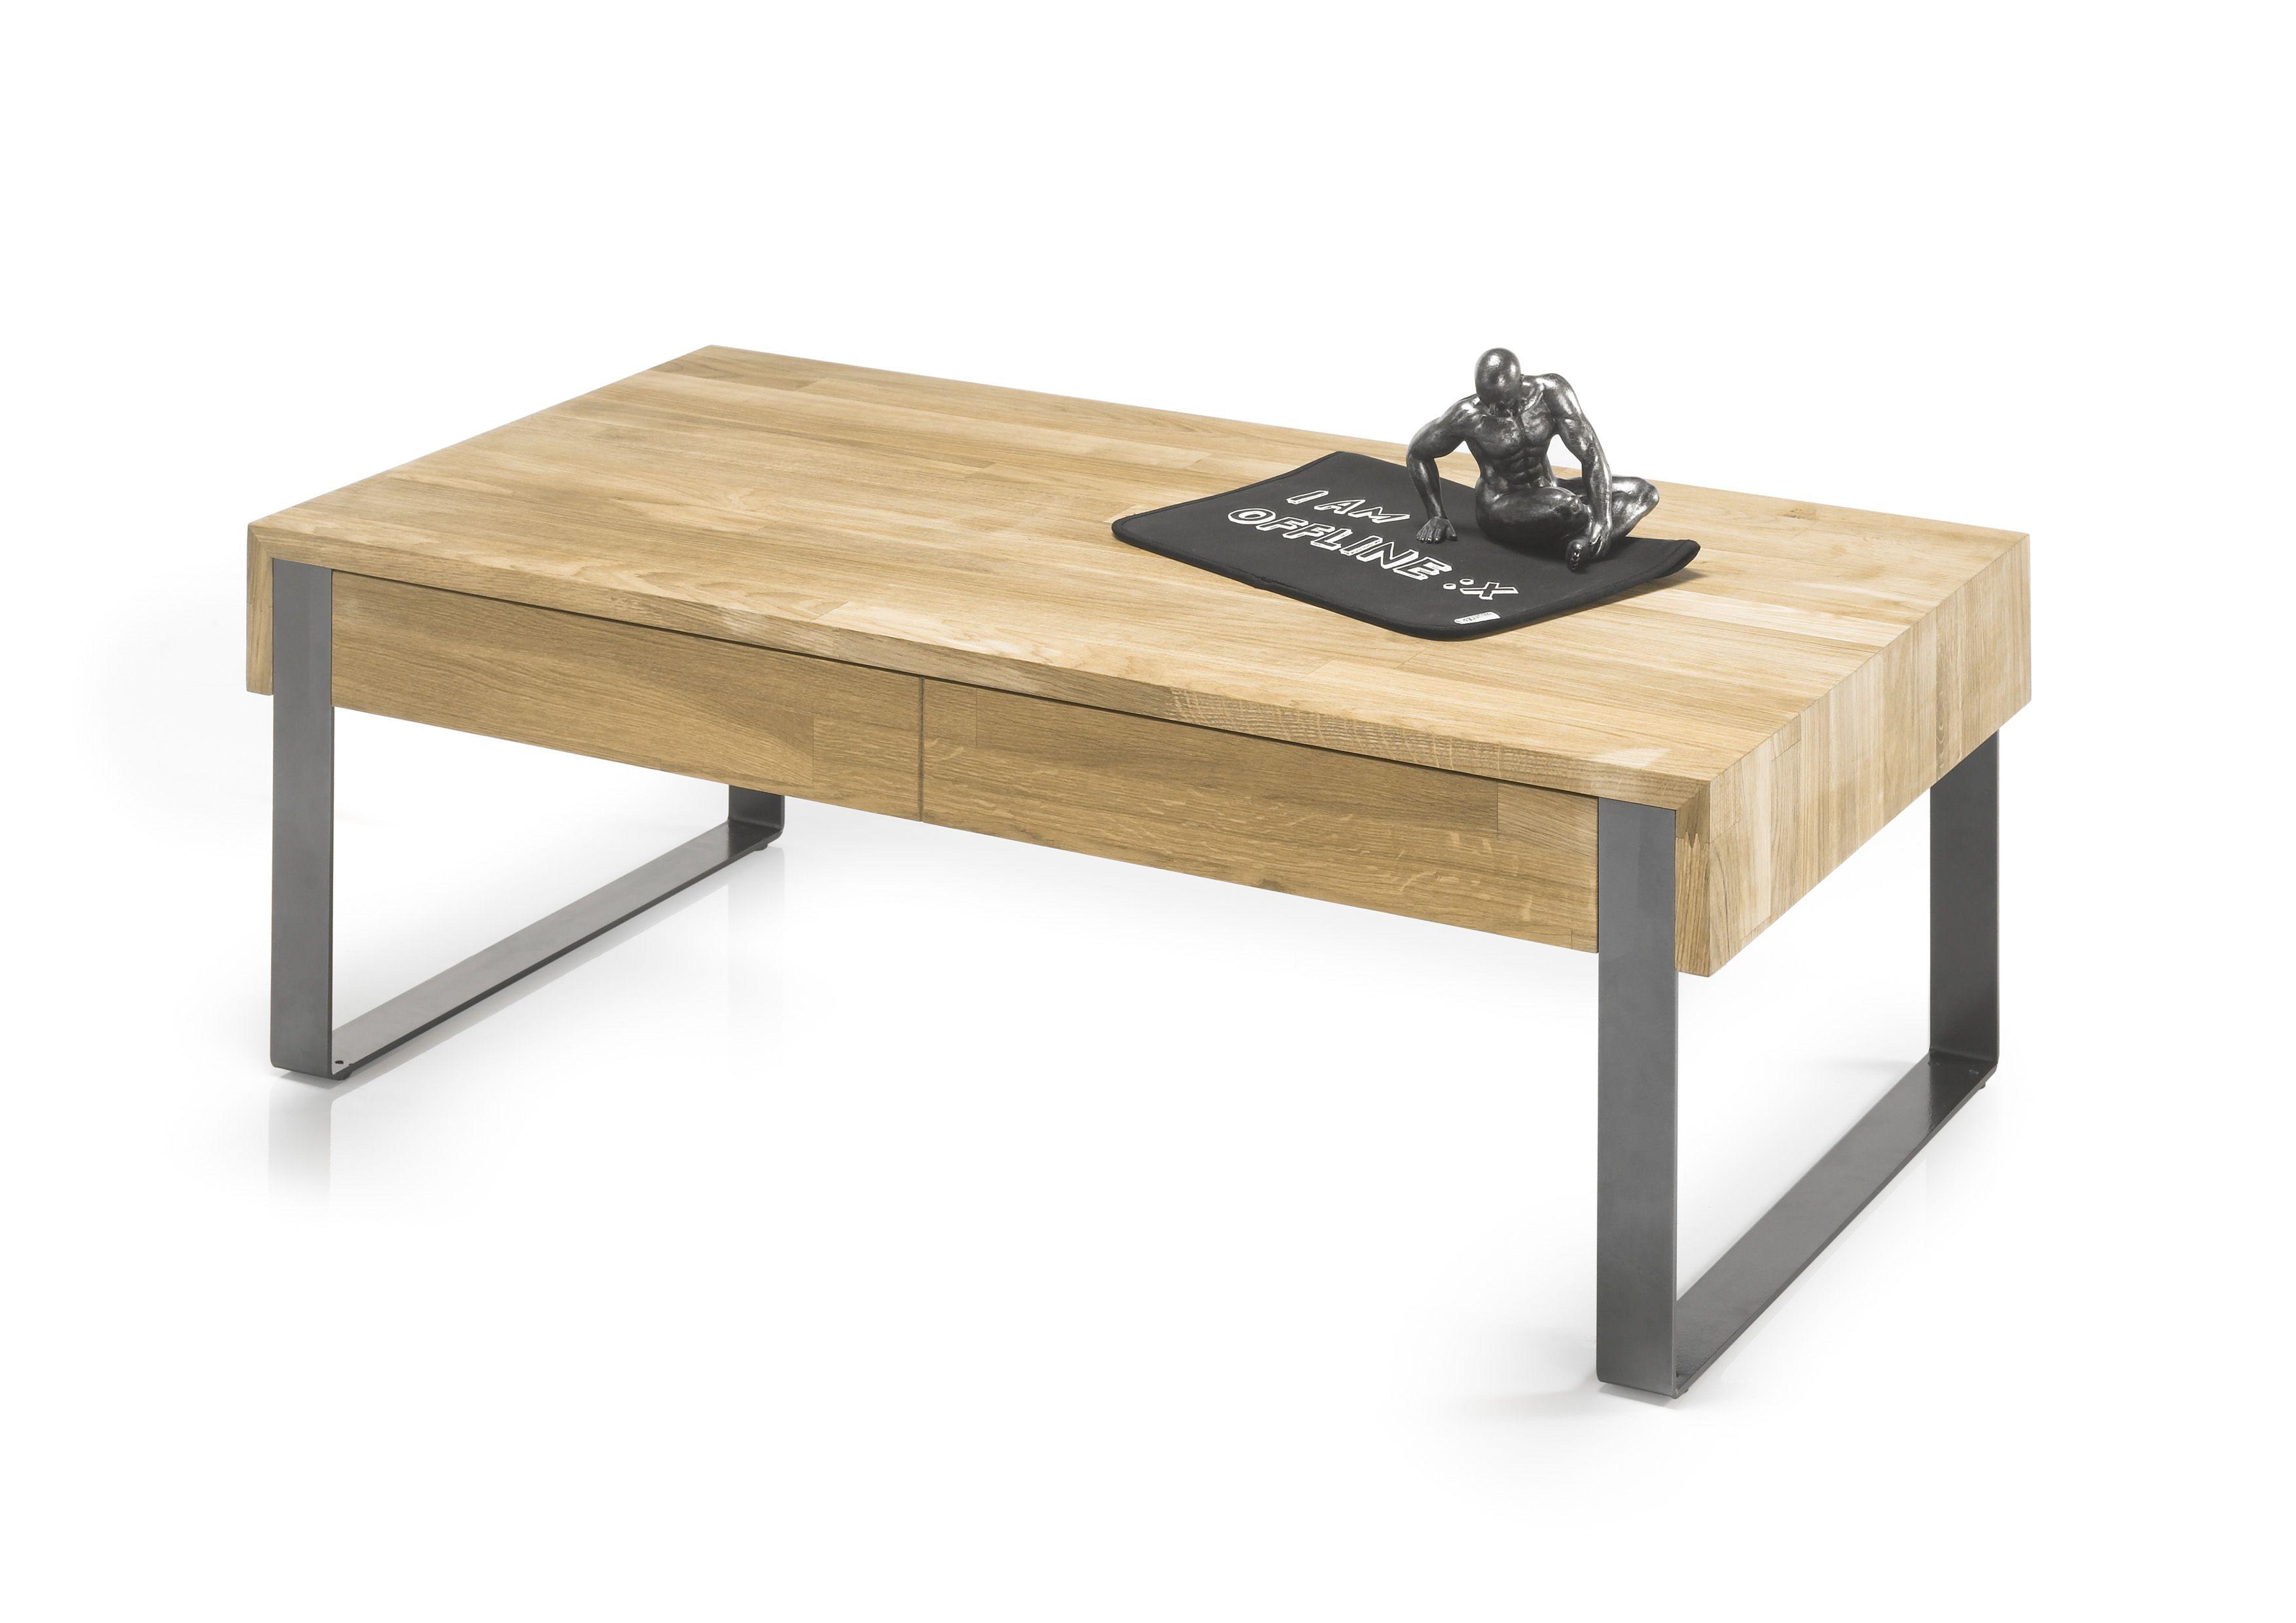 couchtisch calgary beistelltisch wohnzimmertisch tisch. Black Bedroom Furniture Sets. Home Design Ideas